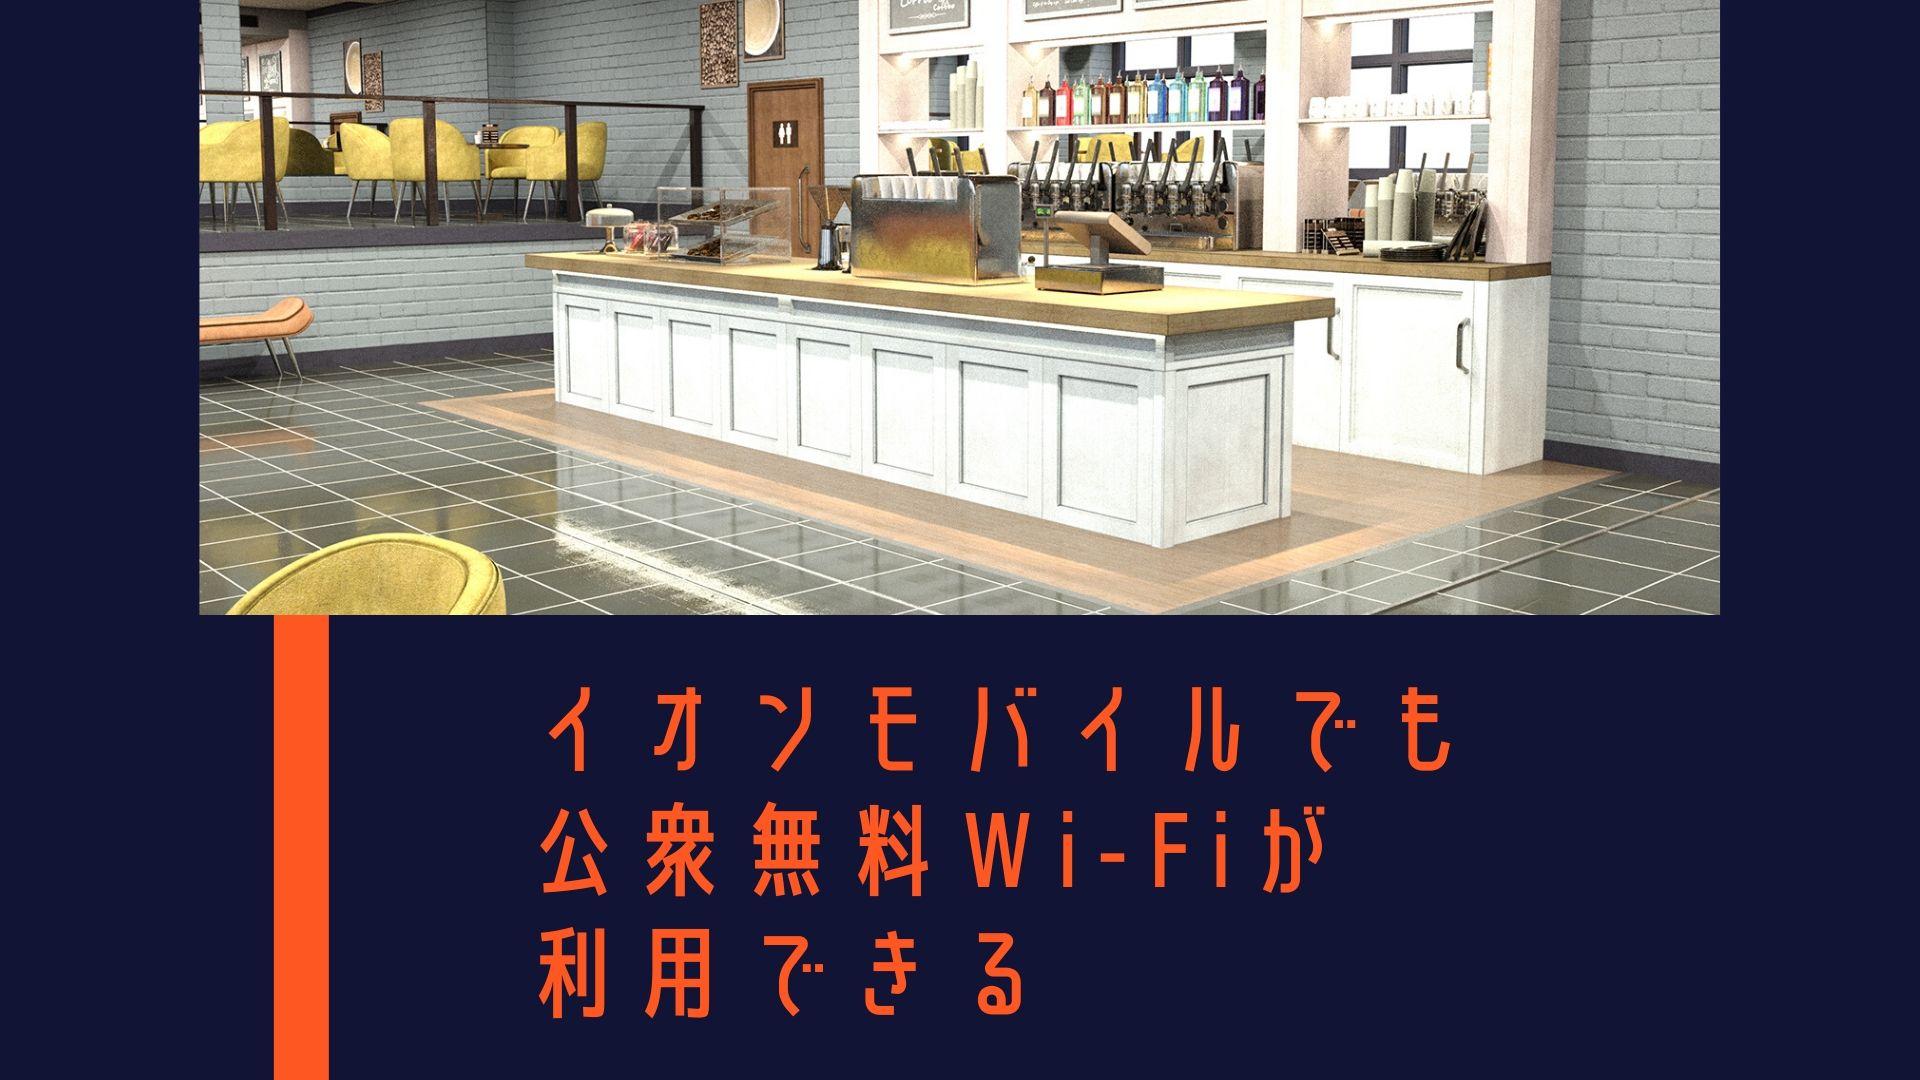 イオンモバイルでも公衆無料Wi-Fiを利用できる